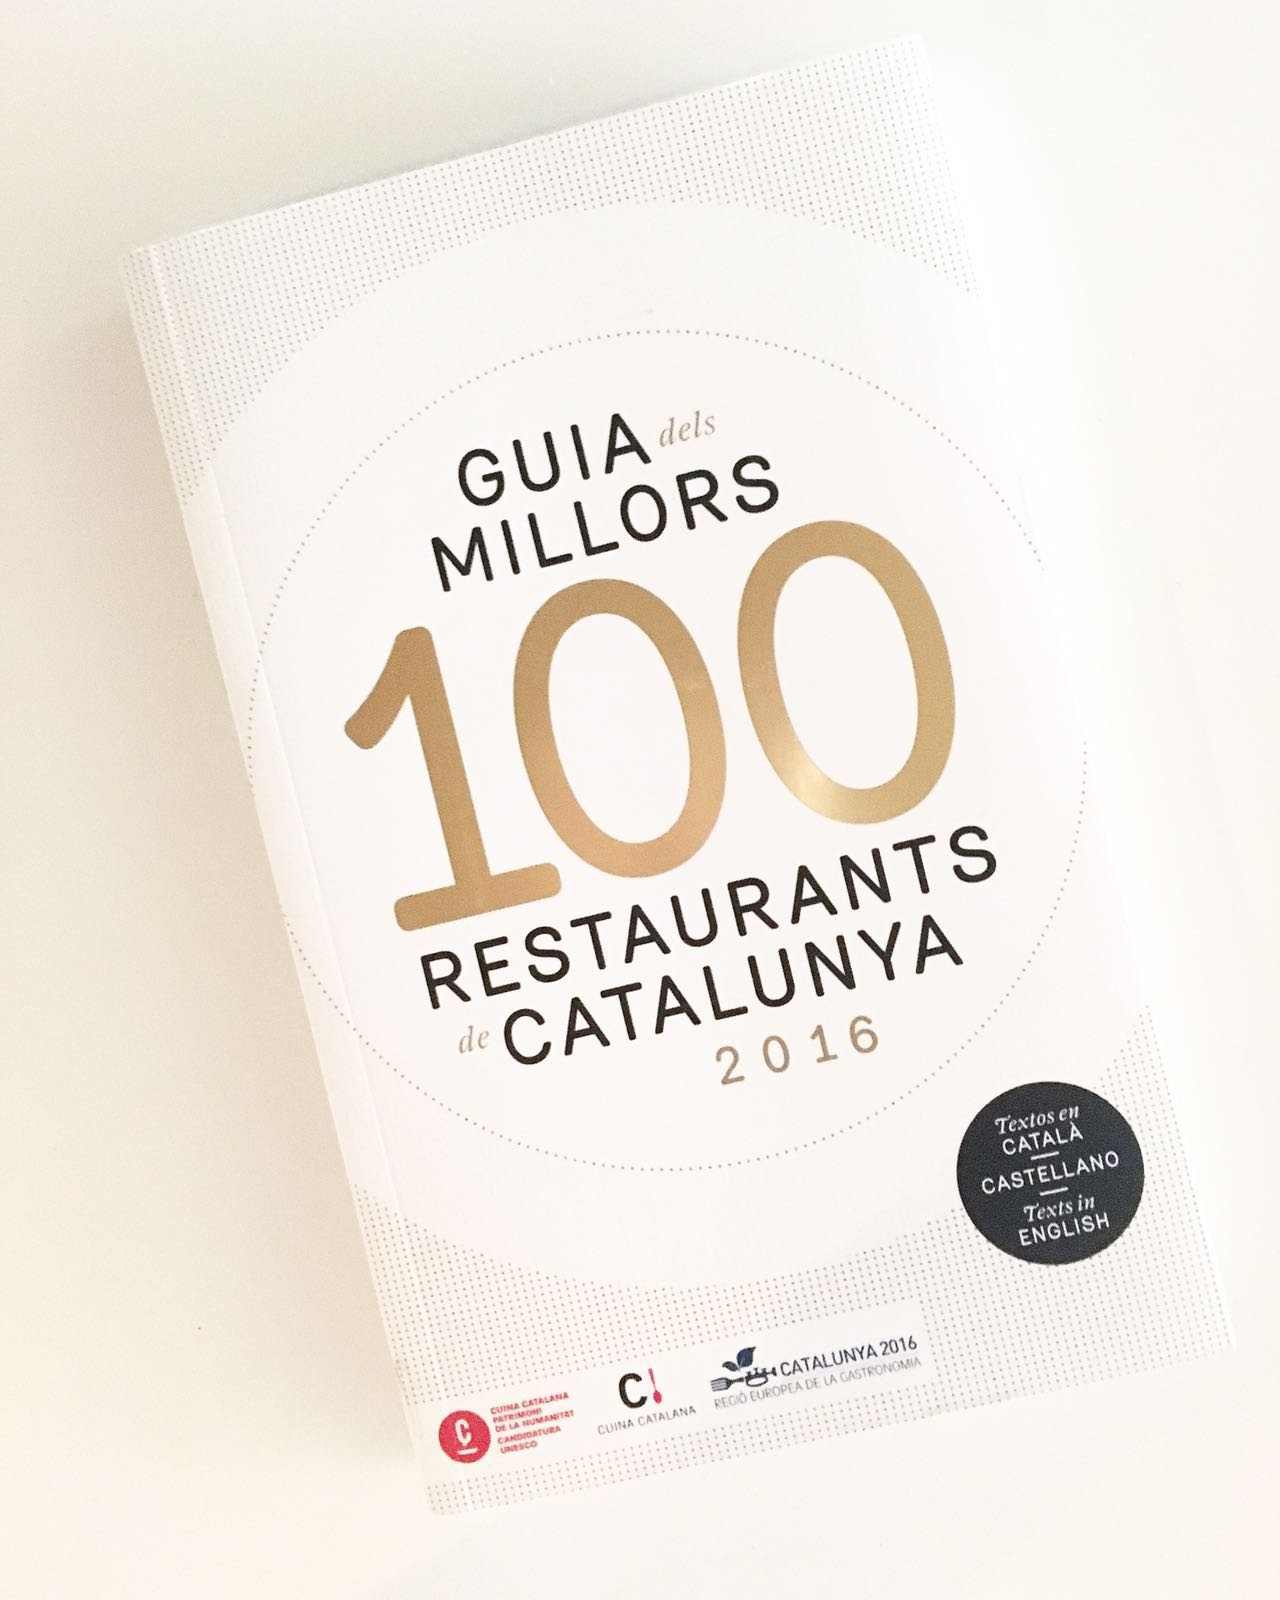 guia-mejores-restaurantes